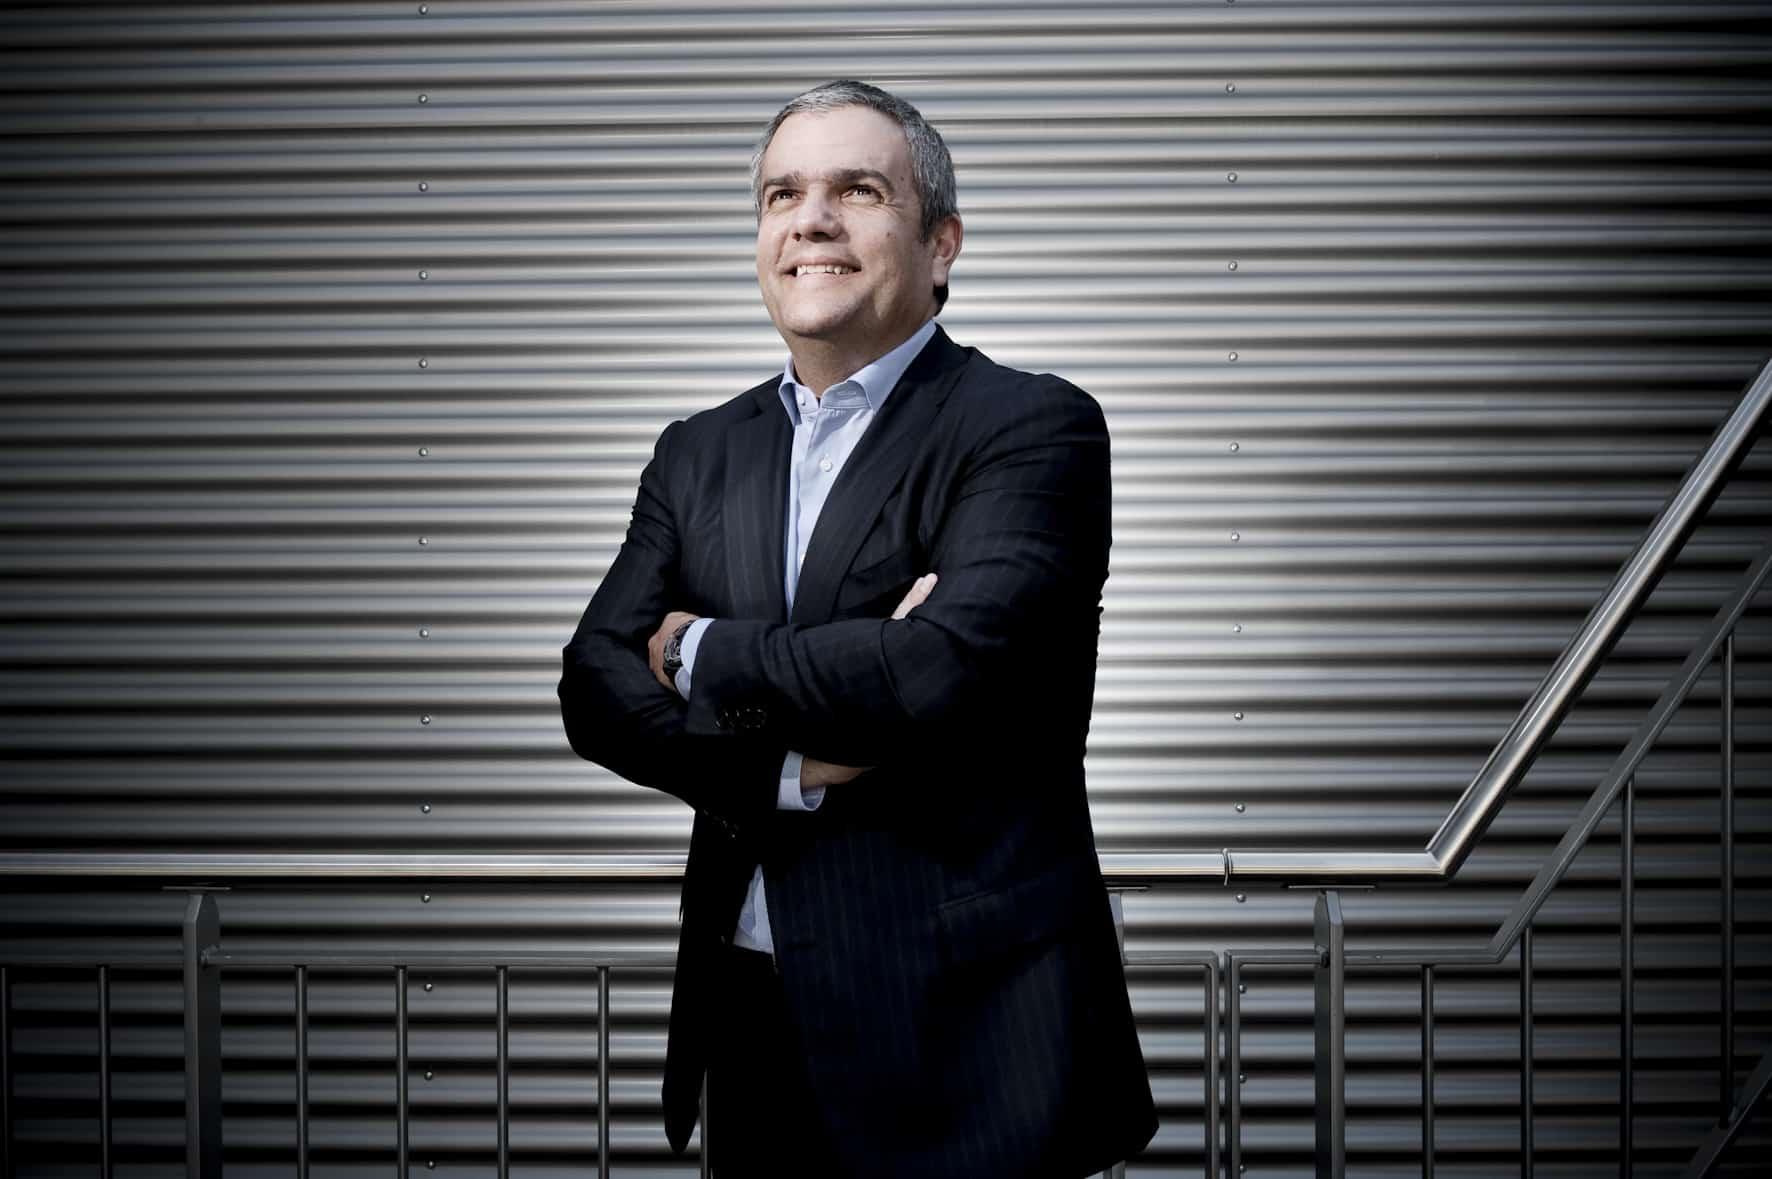 Hublot CEO Ricardo Guadalupe kennt nur eine Richtung - aufwärts